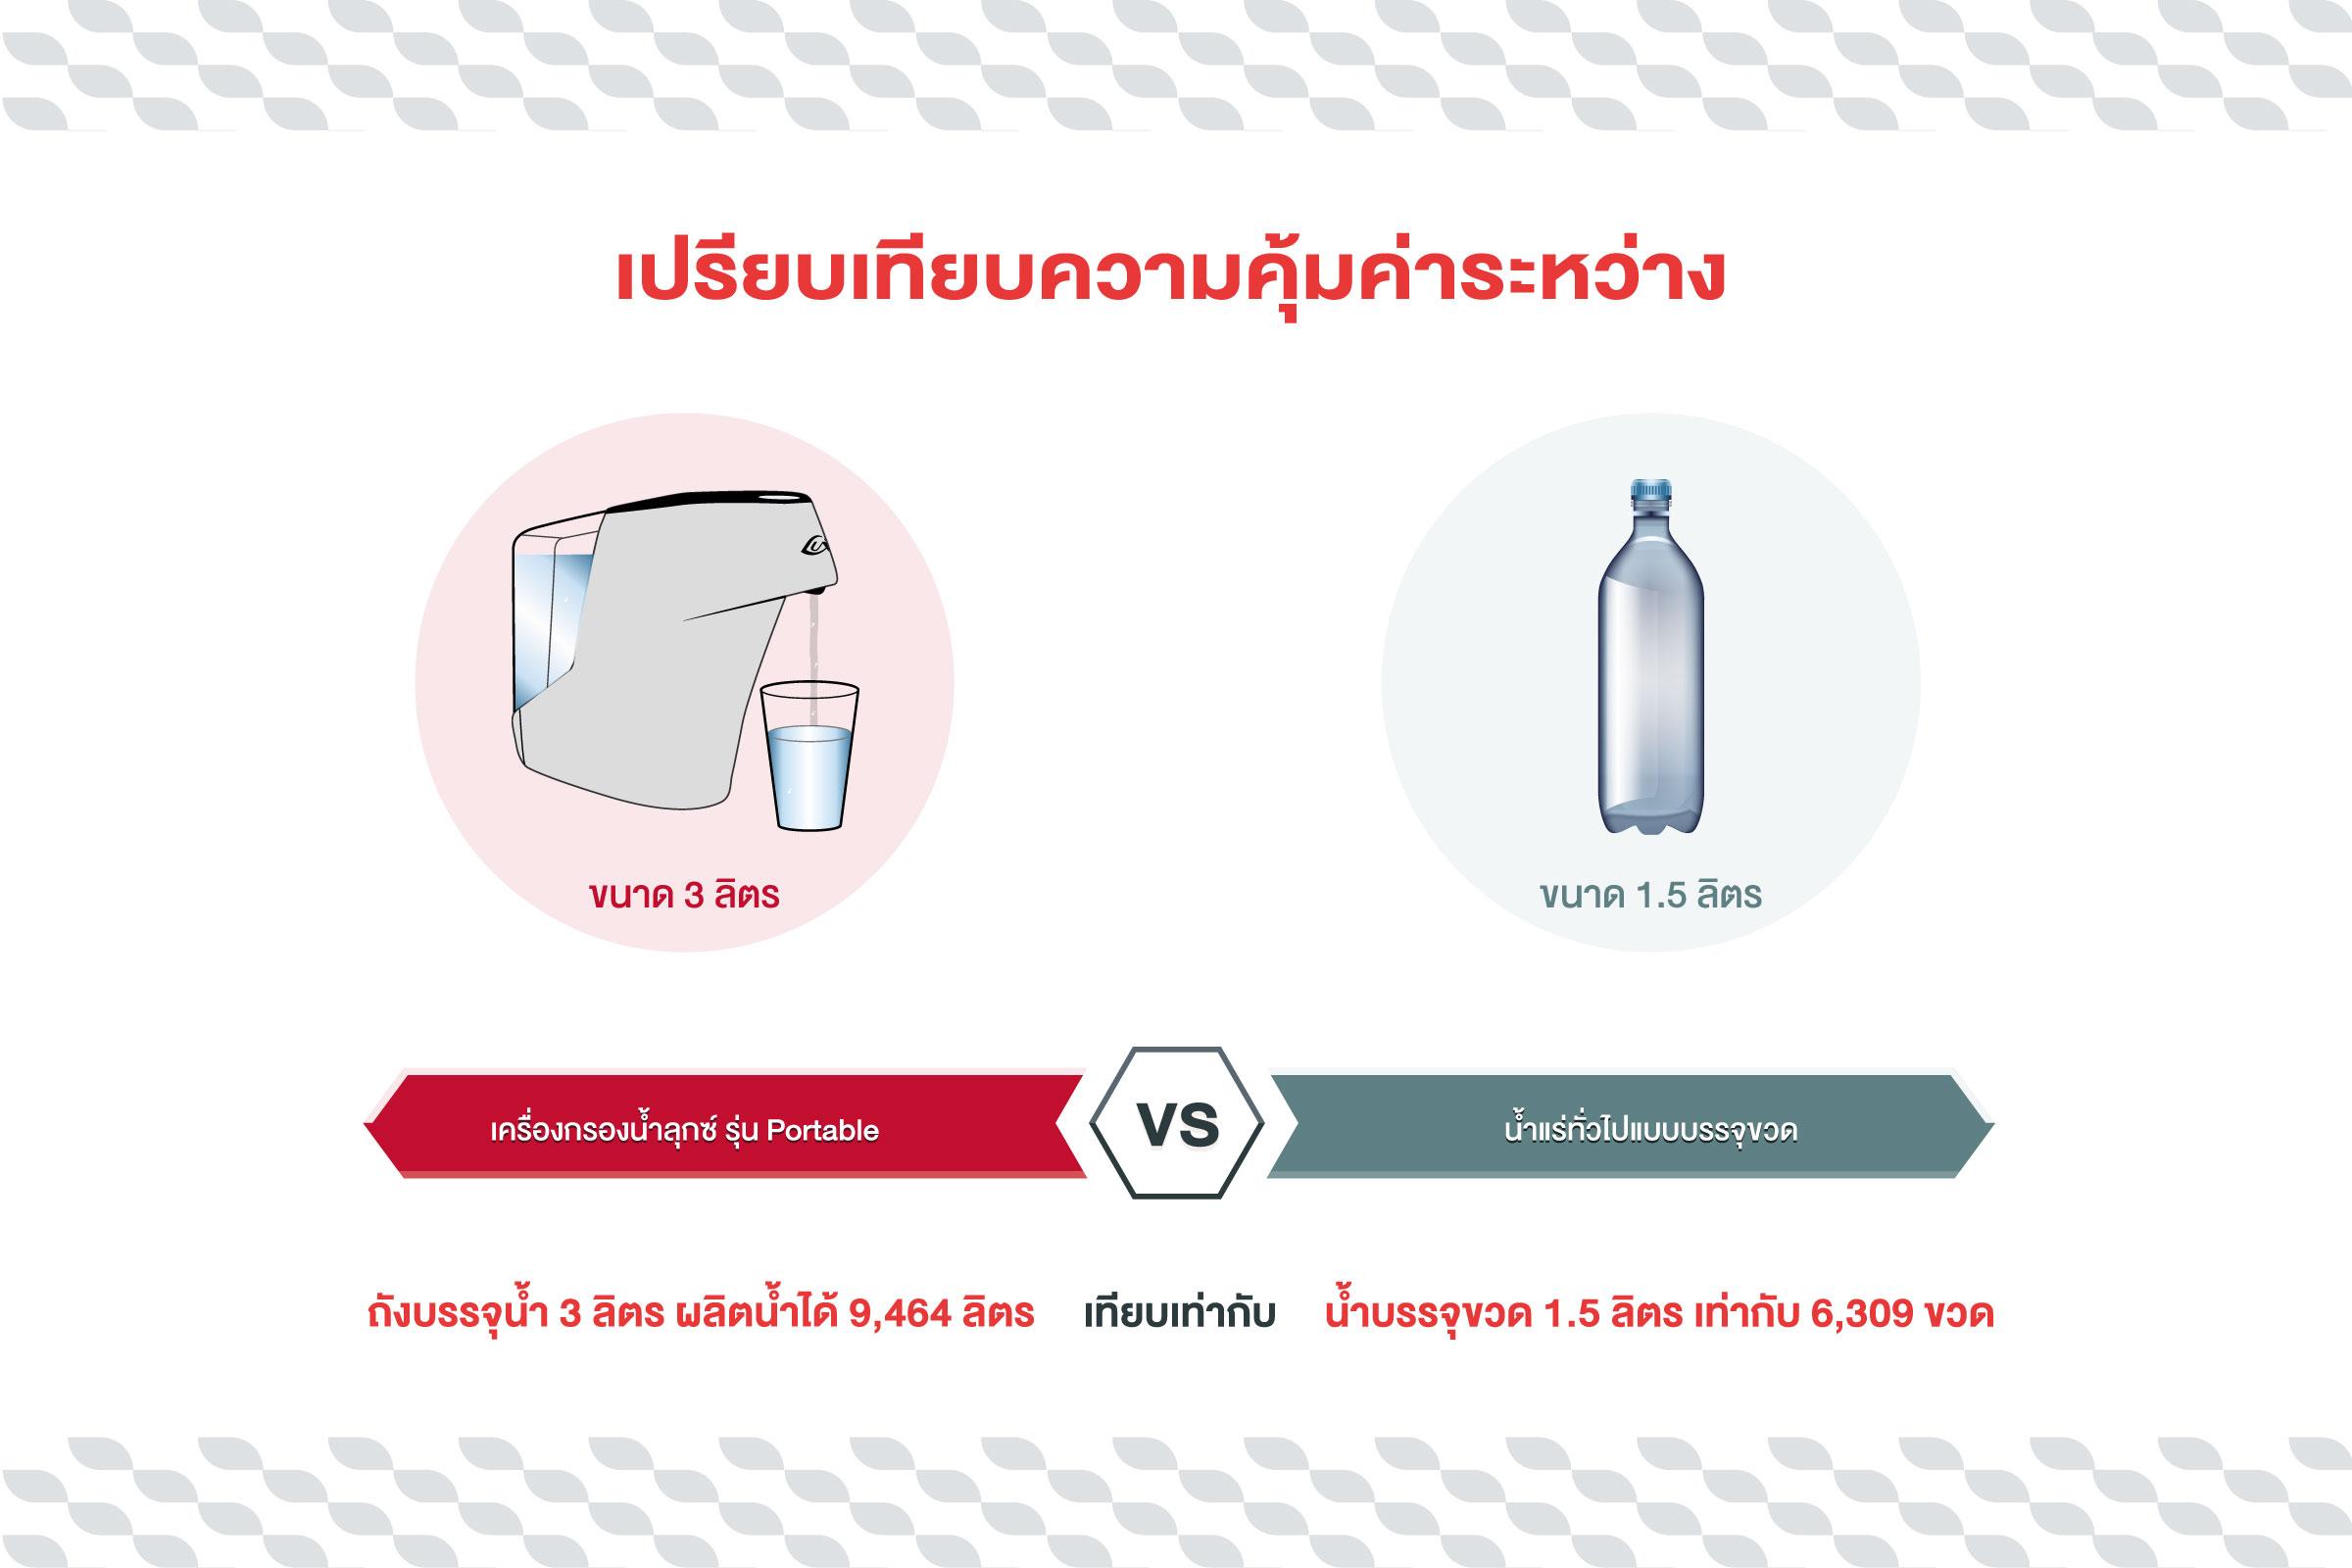 เปรียบเทียบการซื้อเครื่องกรองน้ำดื่มกับซื้อน้ำขวดกับแบบไหนดีกว่ากัน ?